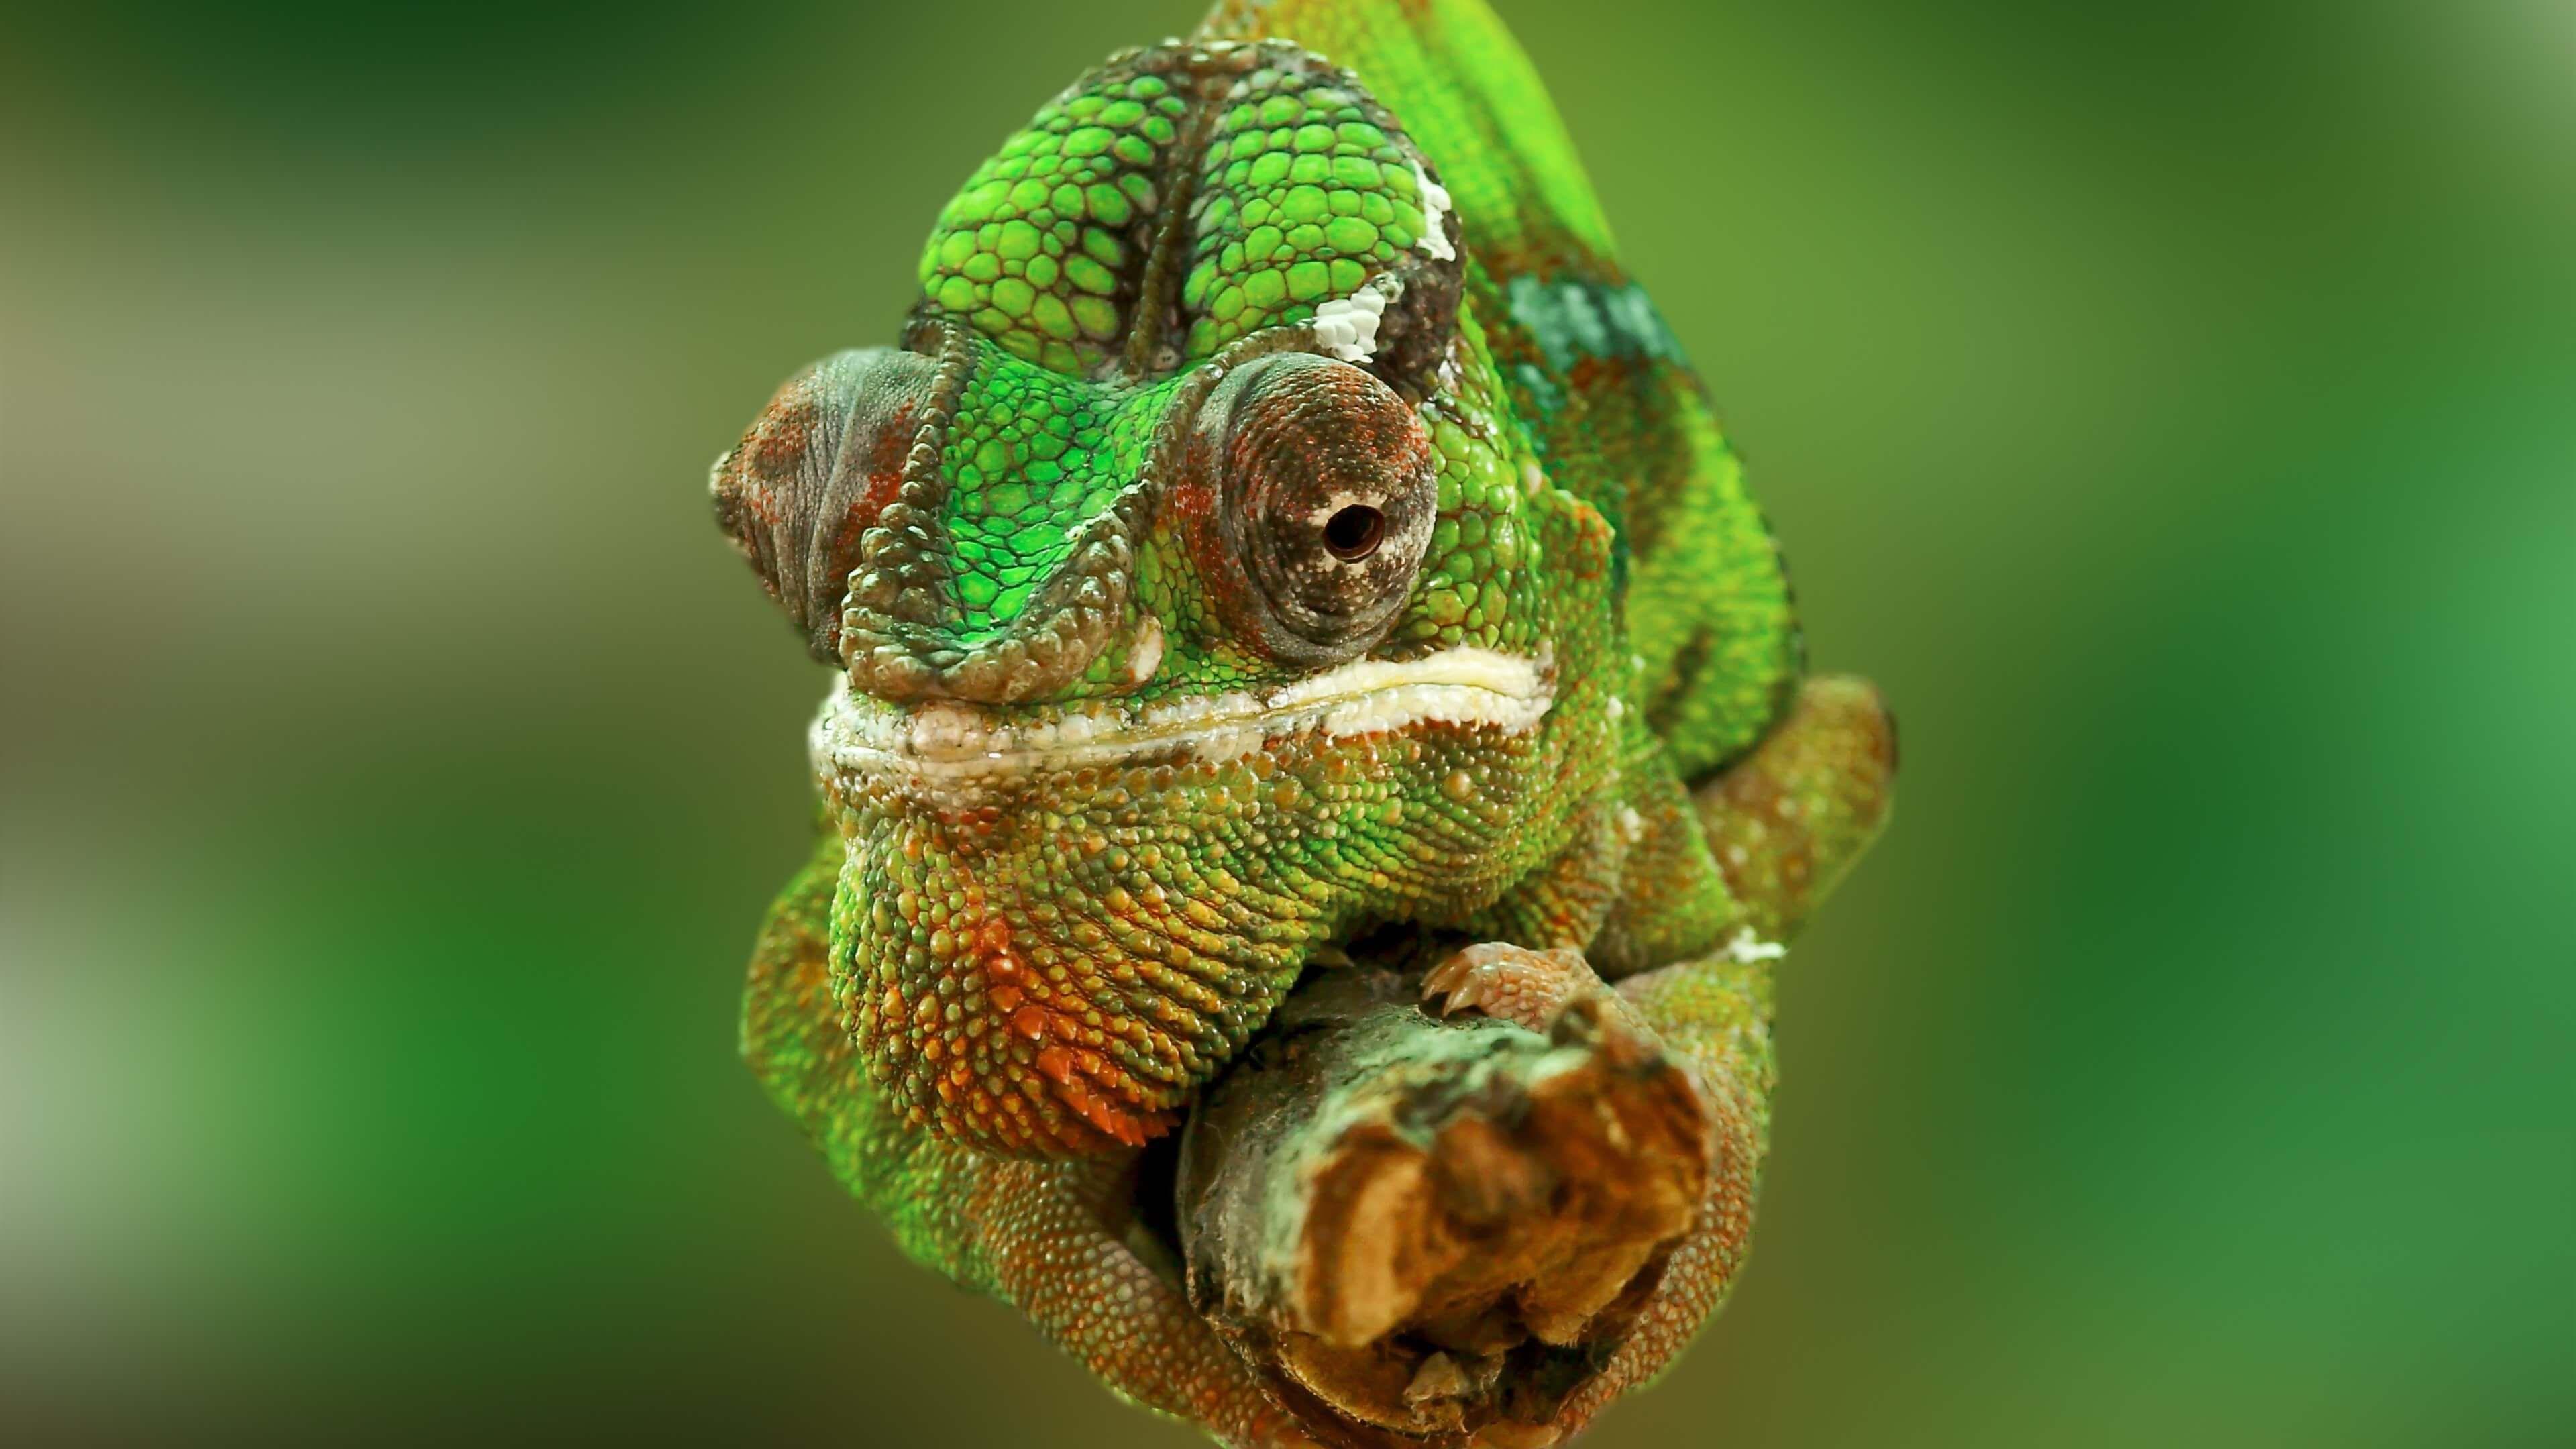 Chameleon Macro 4k Wallpaper Chameleon Veiled Chameleon Lizard